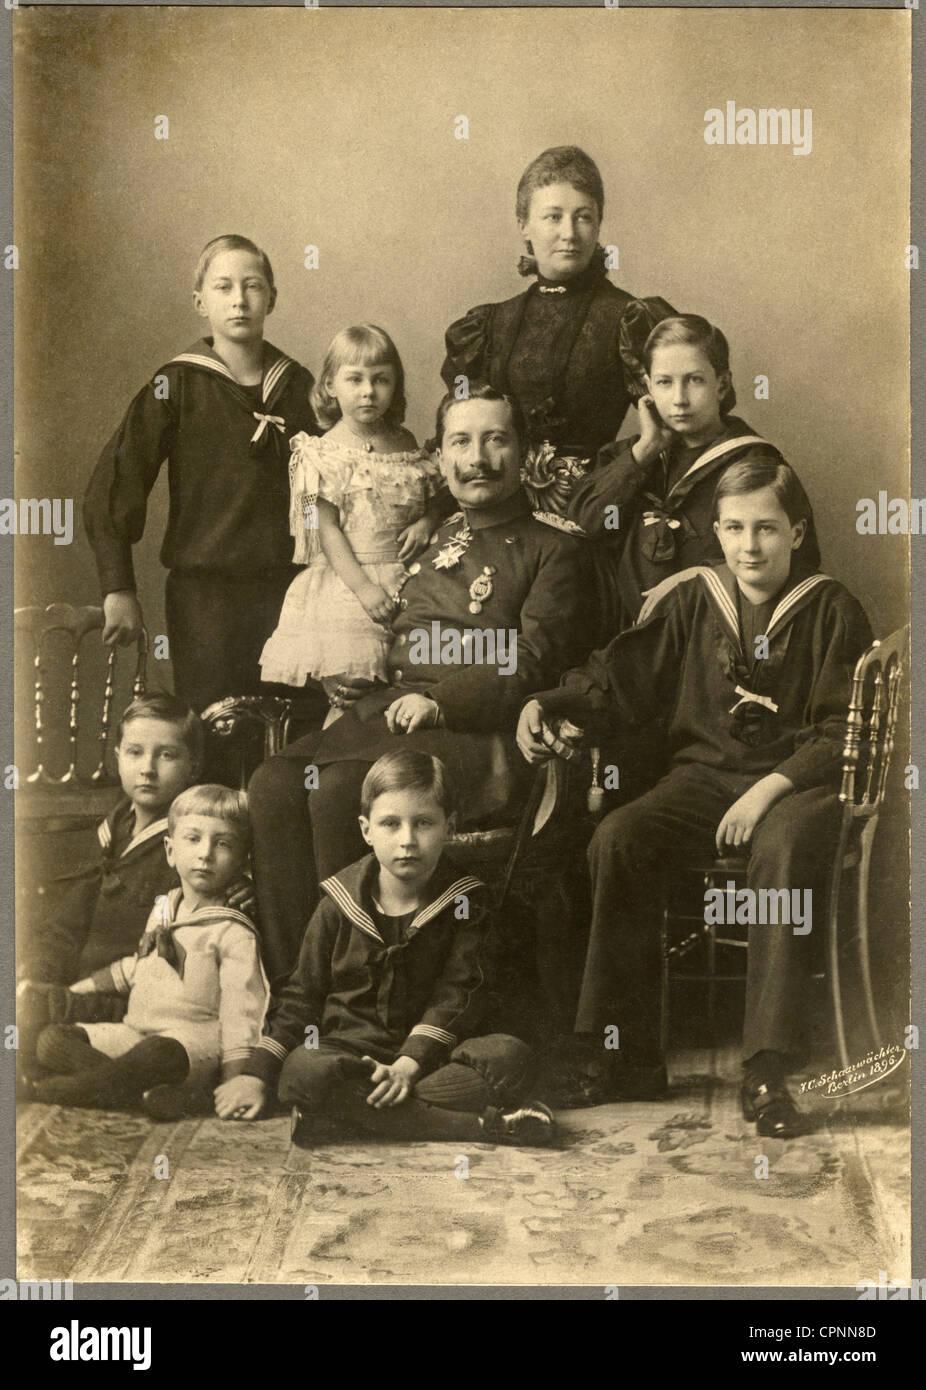 William II, 27.1.1859 - 4.6.1941, German emperor 15.6.1888 - 9.11.1918, with Empress Auguste Victoria (1858 - 1921), with her seven children: Crown Prince Frederick Wilhelm (1882 bis 1951), Prince Adalbert (1884-1948), prince Joachim (1890 bis 1920), Princess Viktoria-Luise (1892 bis 1980), Prince August Wilhelm (1887-1949), Prince Eitel Friedrich (1883-1942), prince Oskar (1888 bis 1958), Berlin, Germany, 1896, Stock Photo